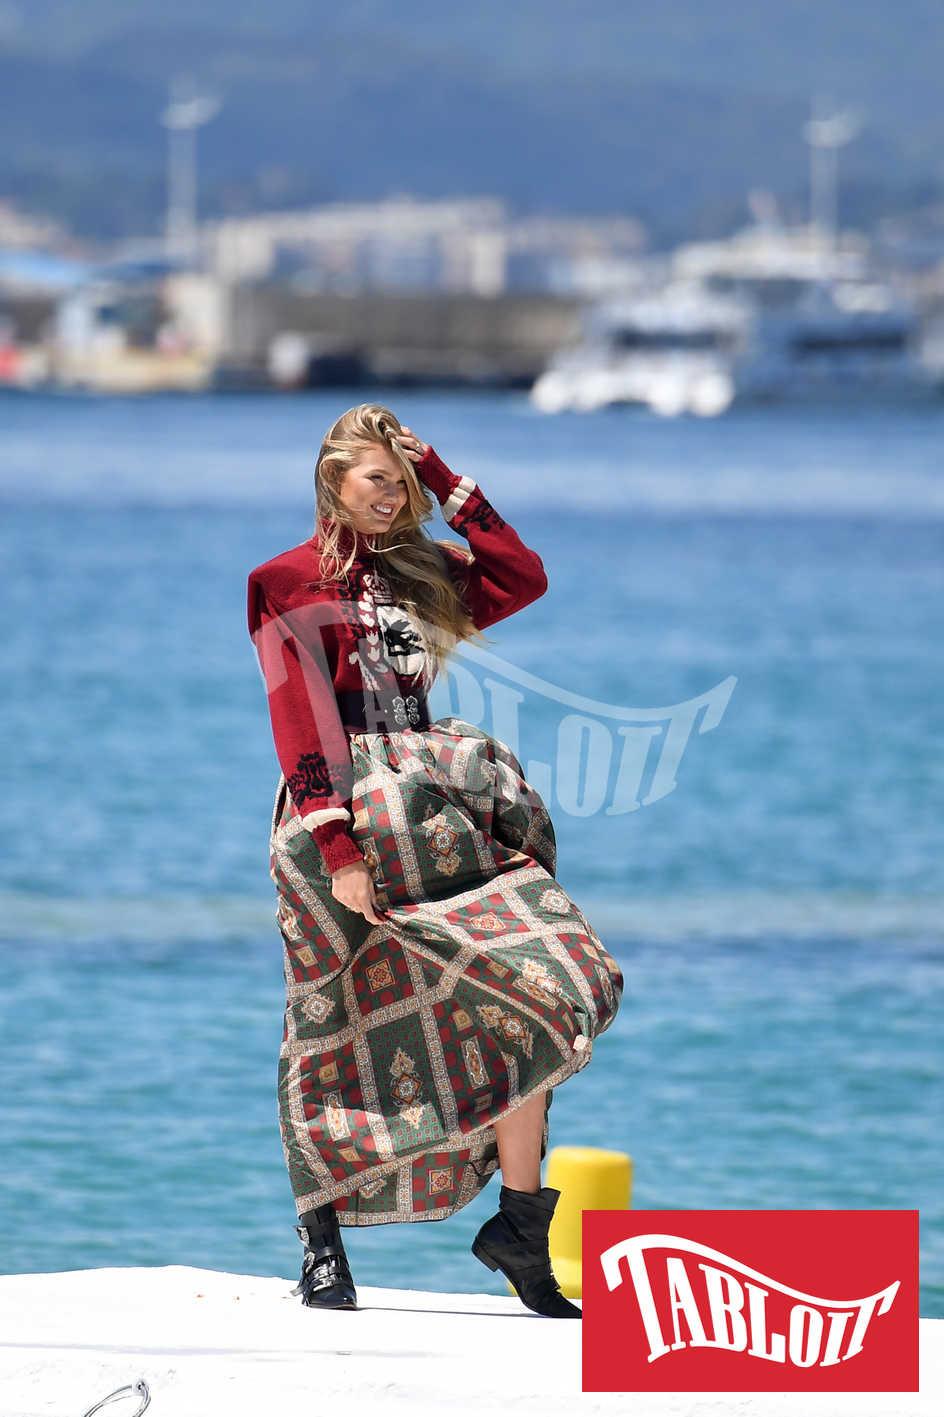 La modella Romee Strijd durante uno shooting sul molo dell'hotel Martinez di Cannes